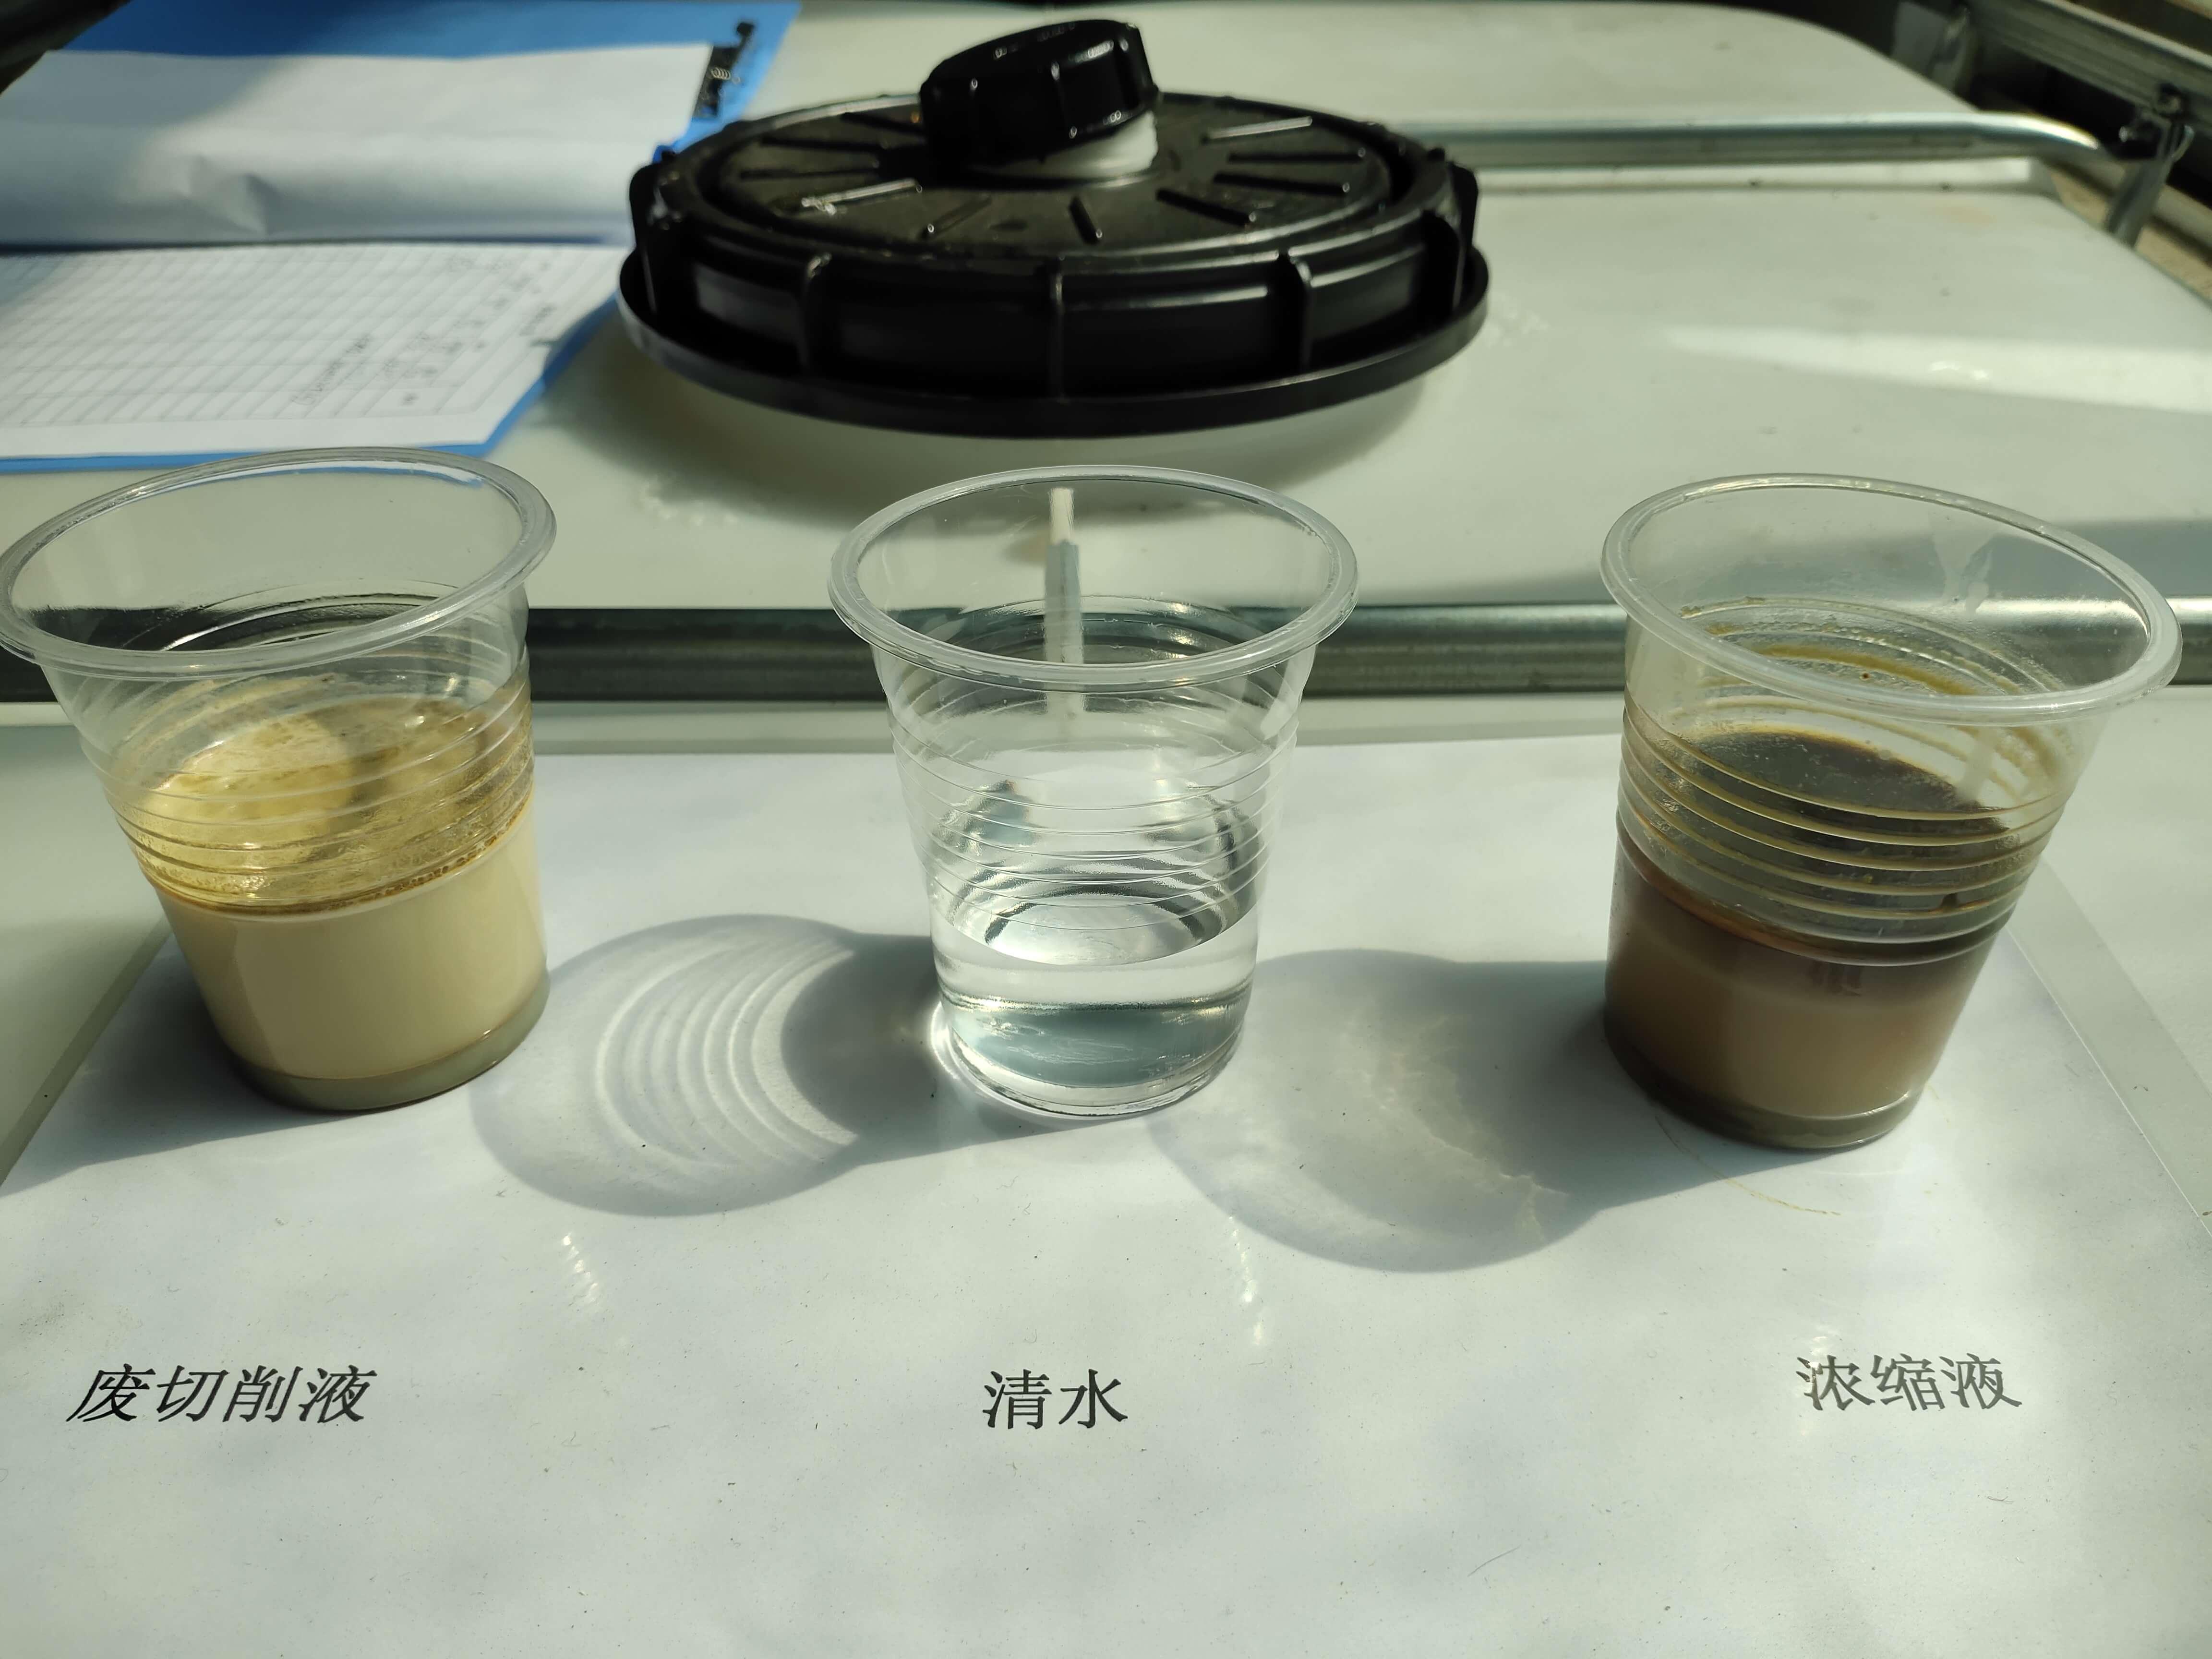 工业废水处理设备切削液处理效果-羽杰科技.jpg